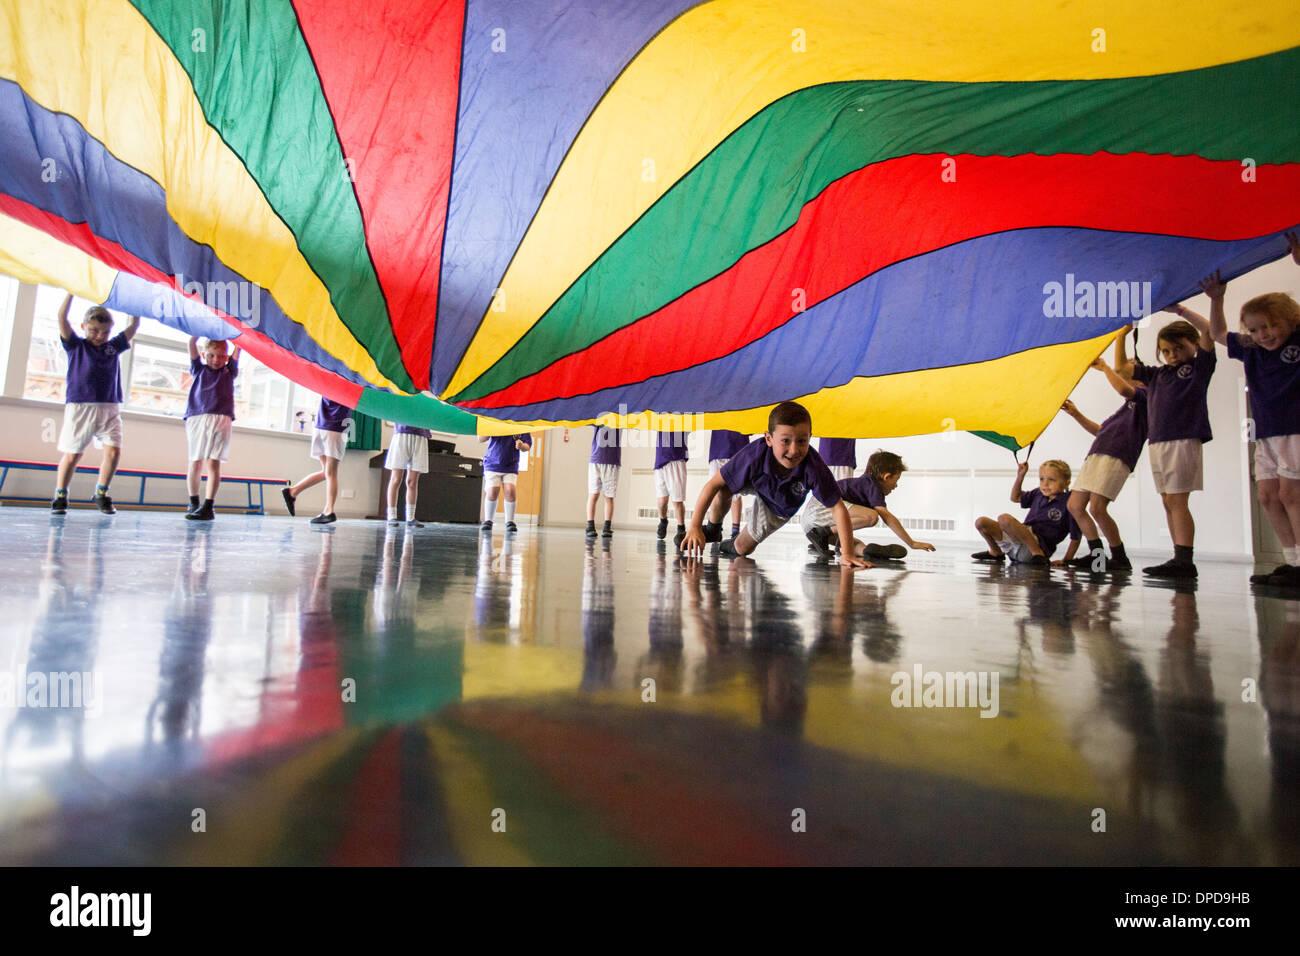 Gli studenti a un Regno Unito la scuola primaria a giocare con un paracadute nella hall della scuola Immagini Stock